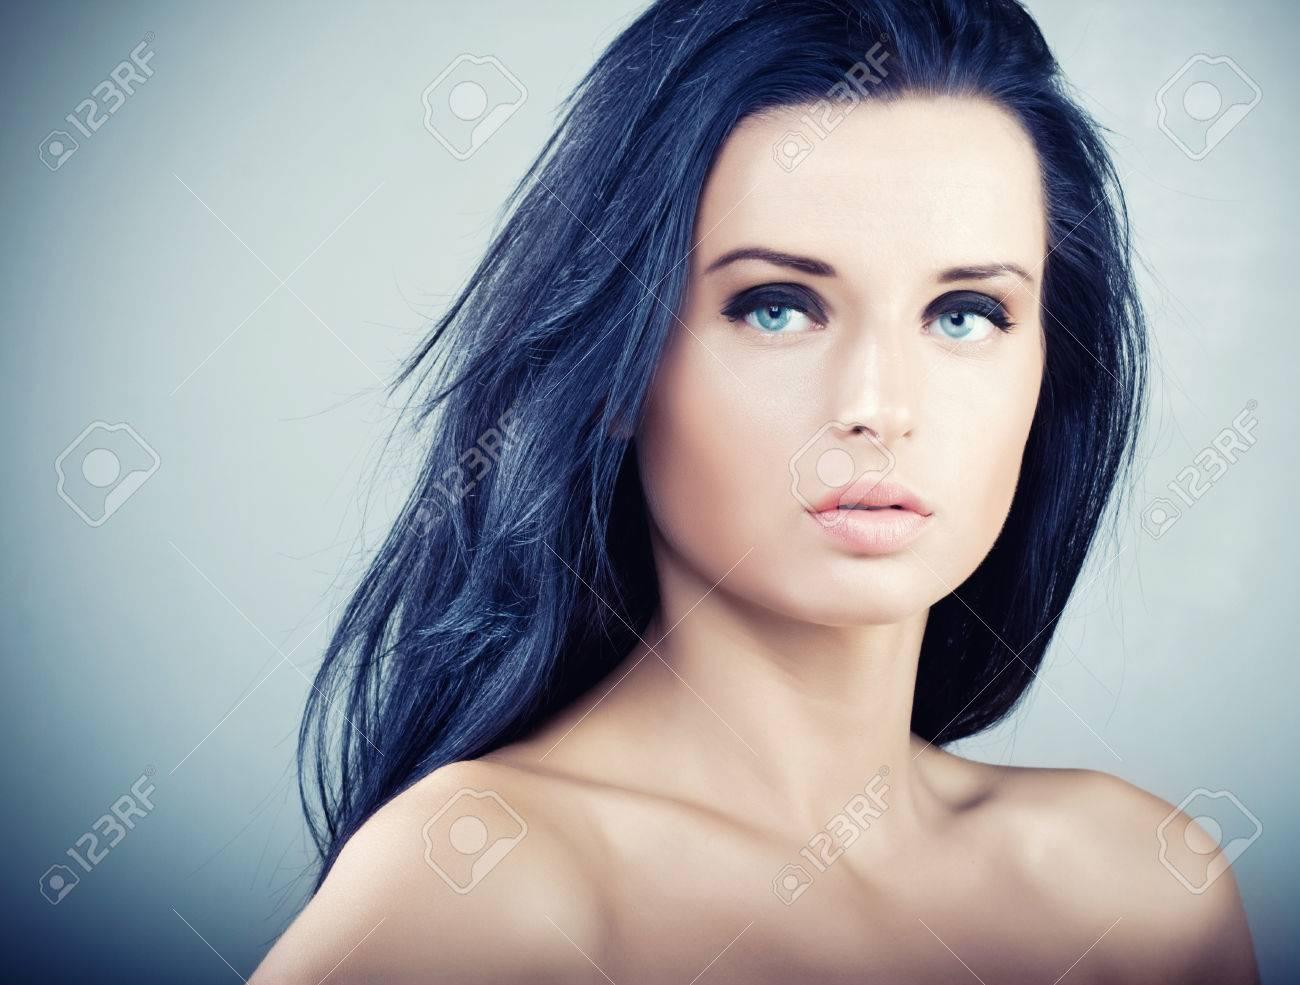 Dunkle haare helle haut blaue augen